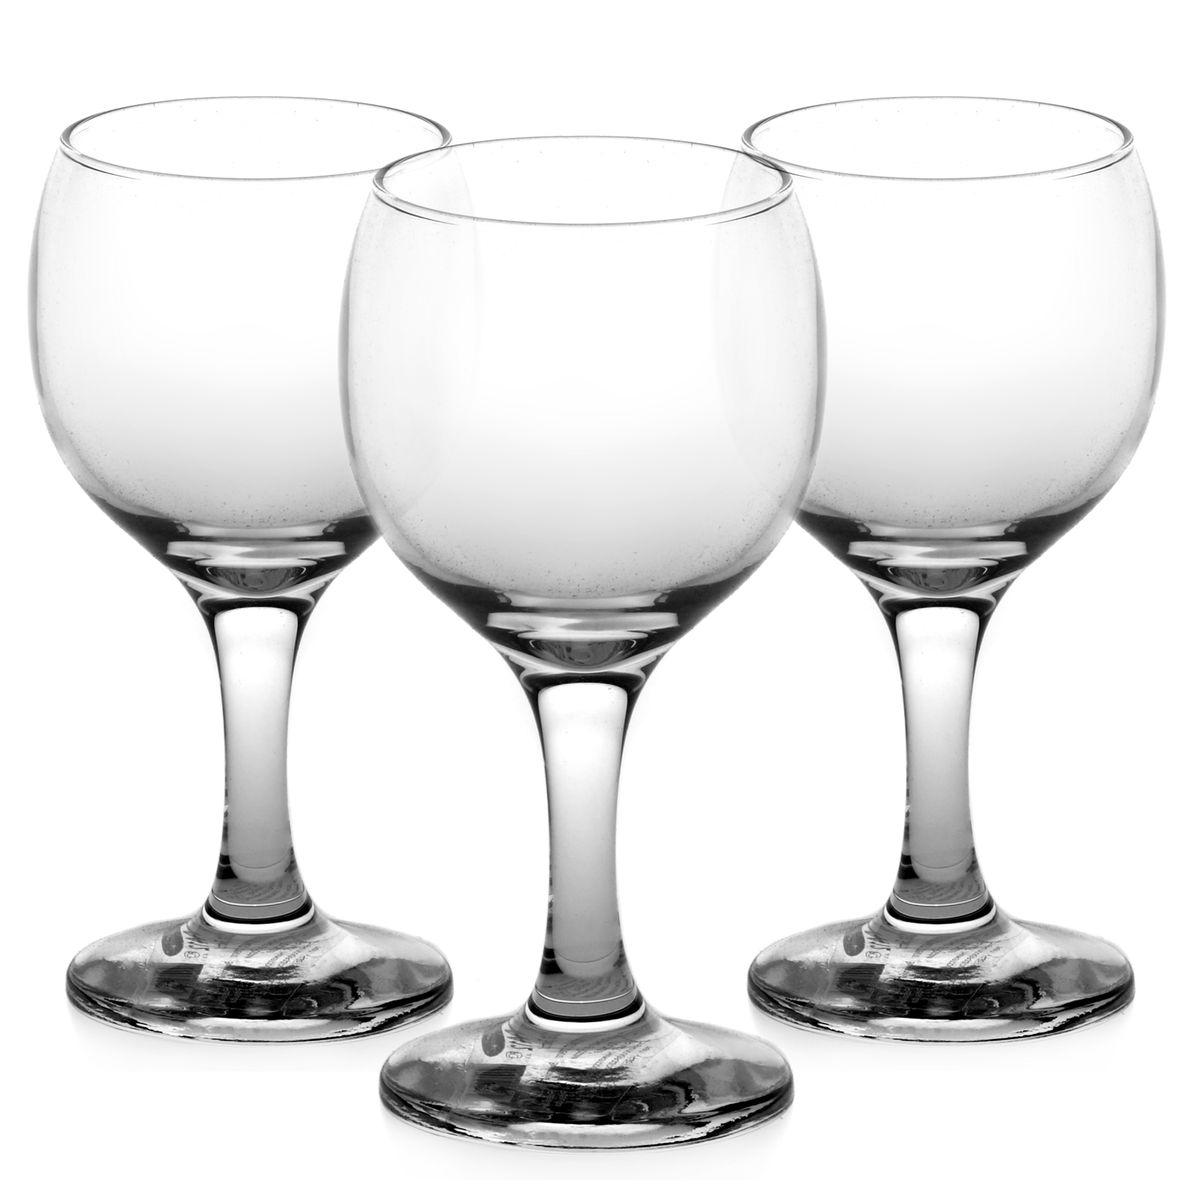 Набор бокалов для белого вина Pasabahce Bistro, 175 мл, 3 шт44415BНабор Pasabahce Bistro состоит из трех бокалов, изготовленных из прочного натрий-кальций-силикатного стекла. Изделия, предназначенные для подачи белого вина, несомненно придутся вам по душе. Бокалы сочетают в себе элегантный дизайн и функциональность. Благодаря такому набору пить напитки будет еще вкуснее. Набор бокалов Pasabahce Bistro идеально подойдет для сервировки стола и станет отличным подарком к любому празднику.Можно мыть в посудомоечной машине и использовать в микроволновой печи. Диаметр бокала по верхнему краю: 6 см.Высота бокала: 13 см.